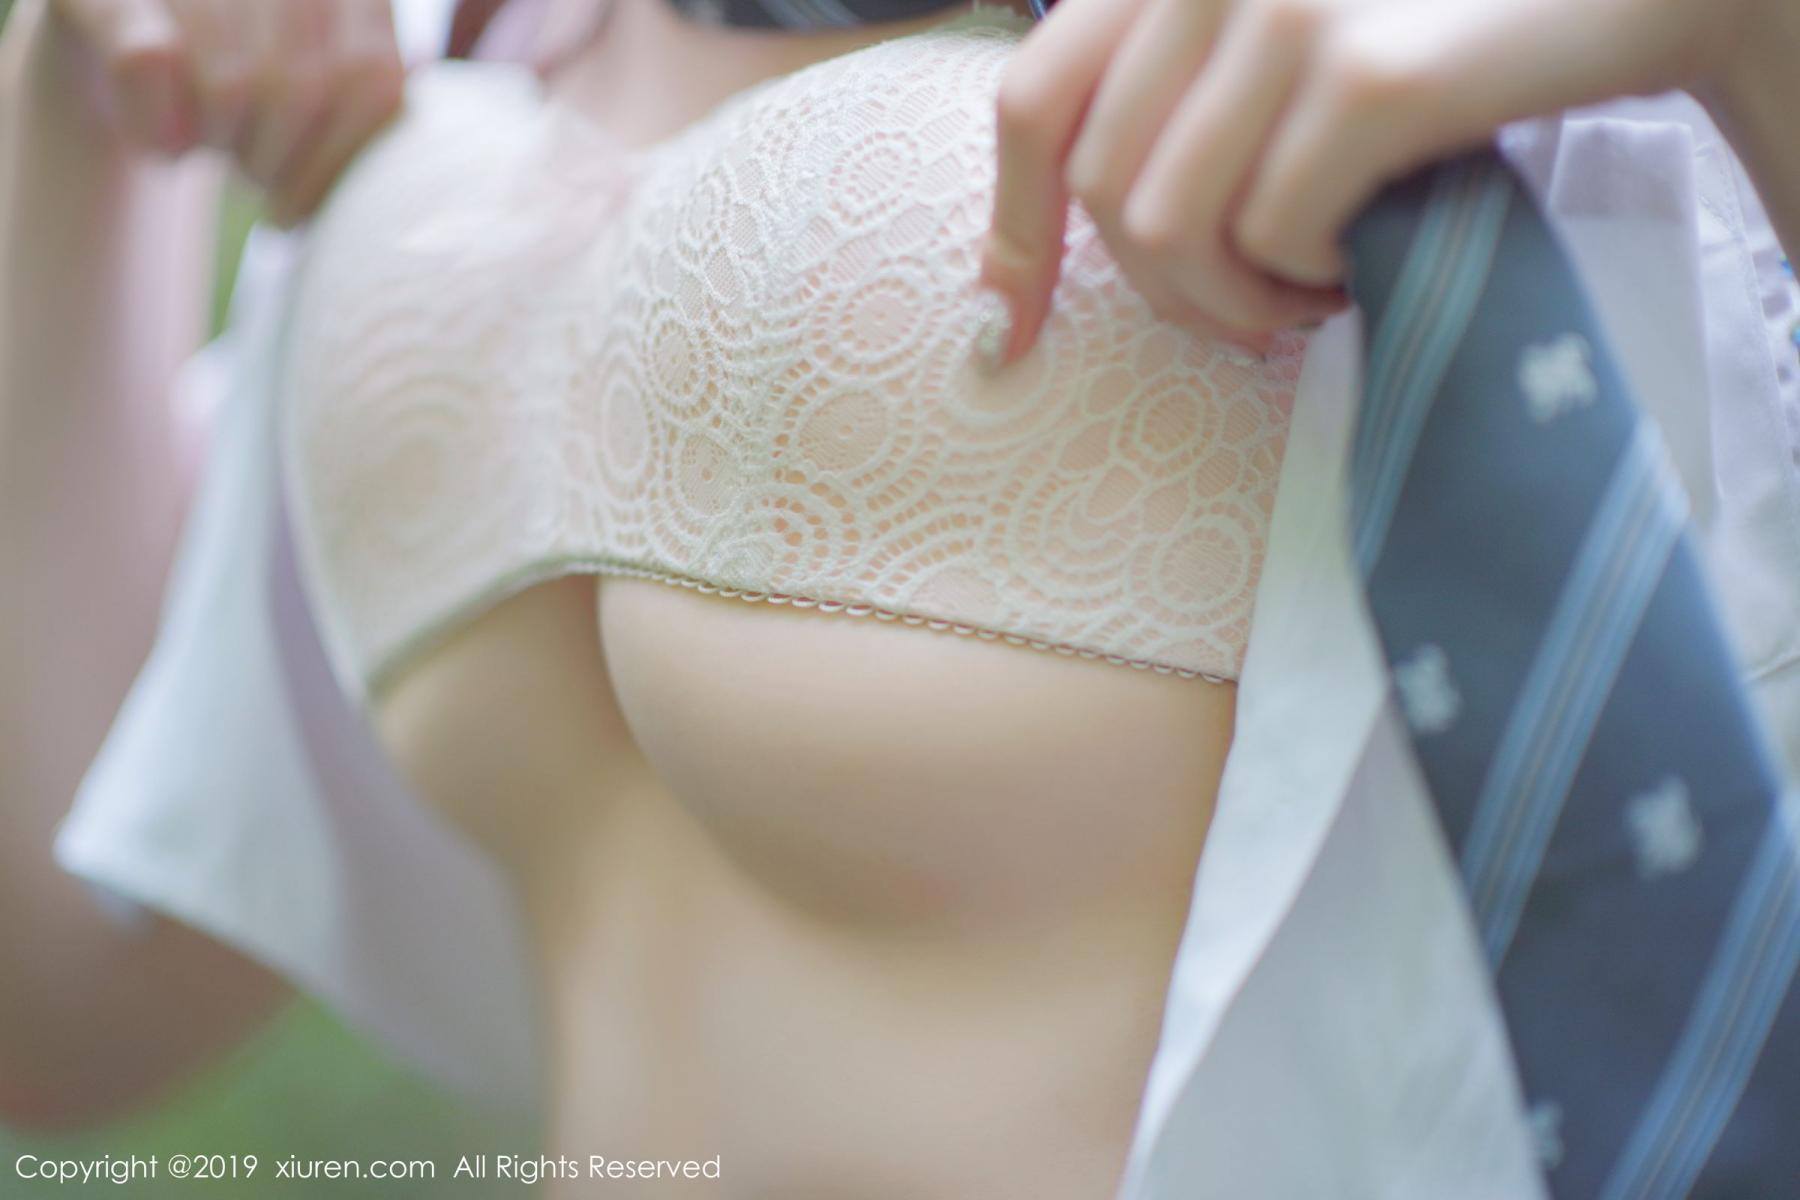 [XiuRen] Vol.1733 Shen Meng Yao 48P, Outdoor, Shen Meng Yao, Underwear, Xiuren